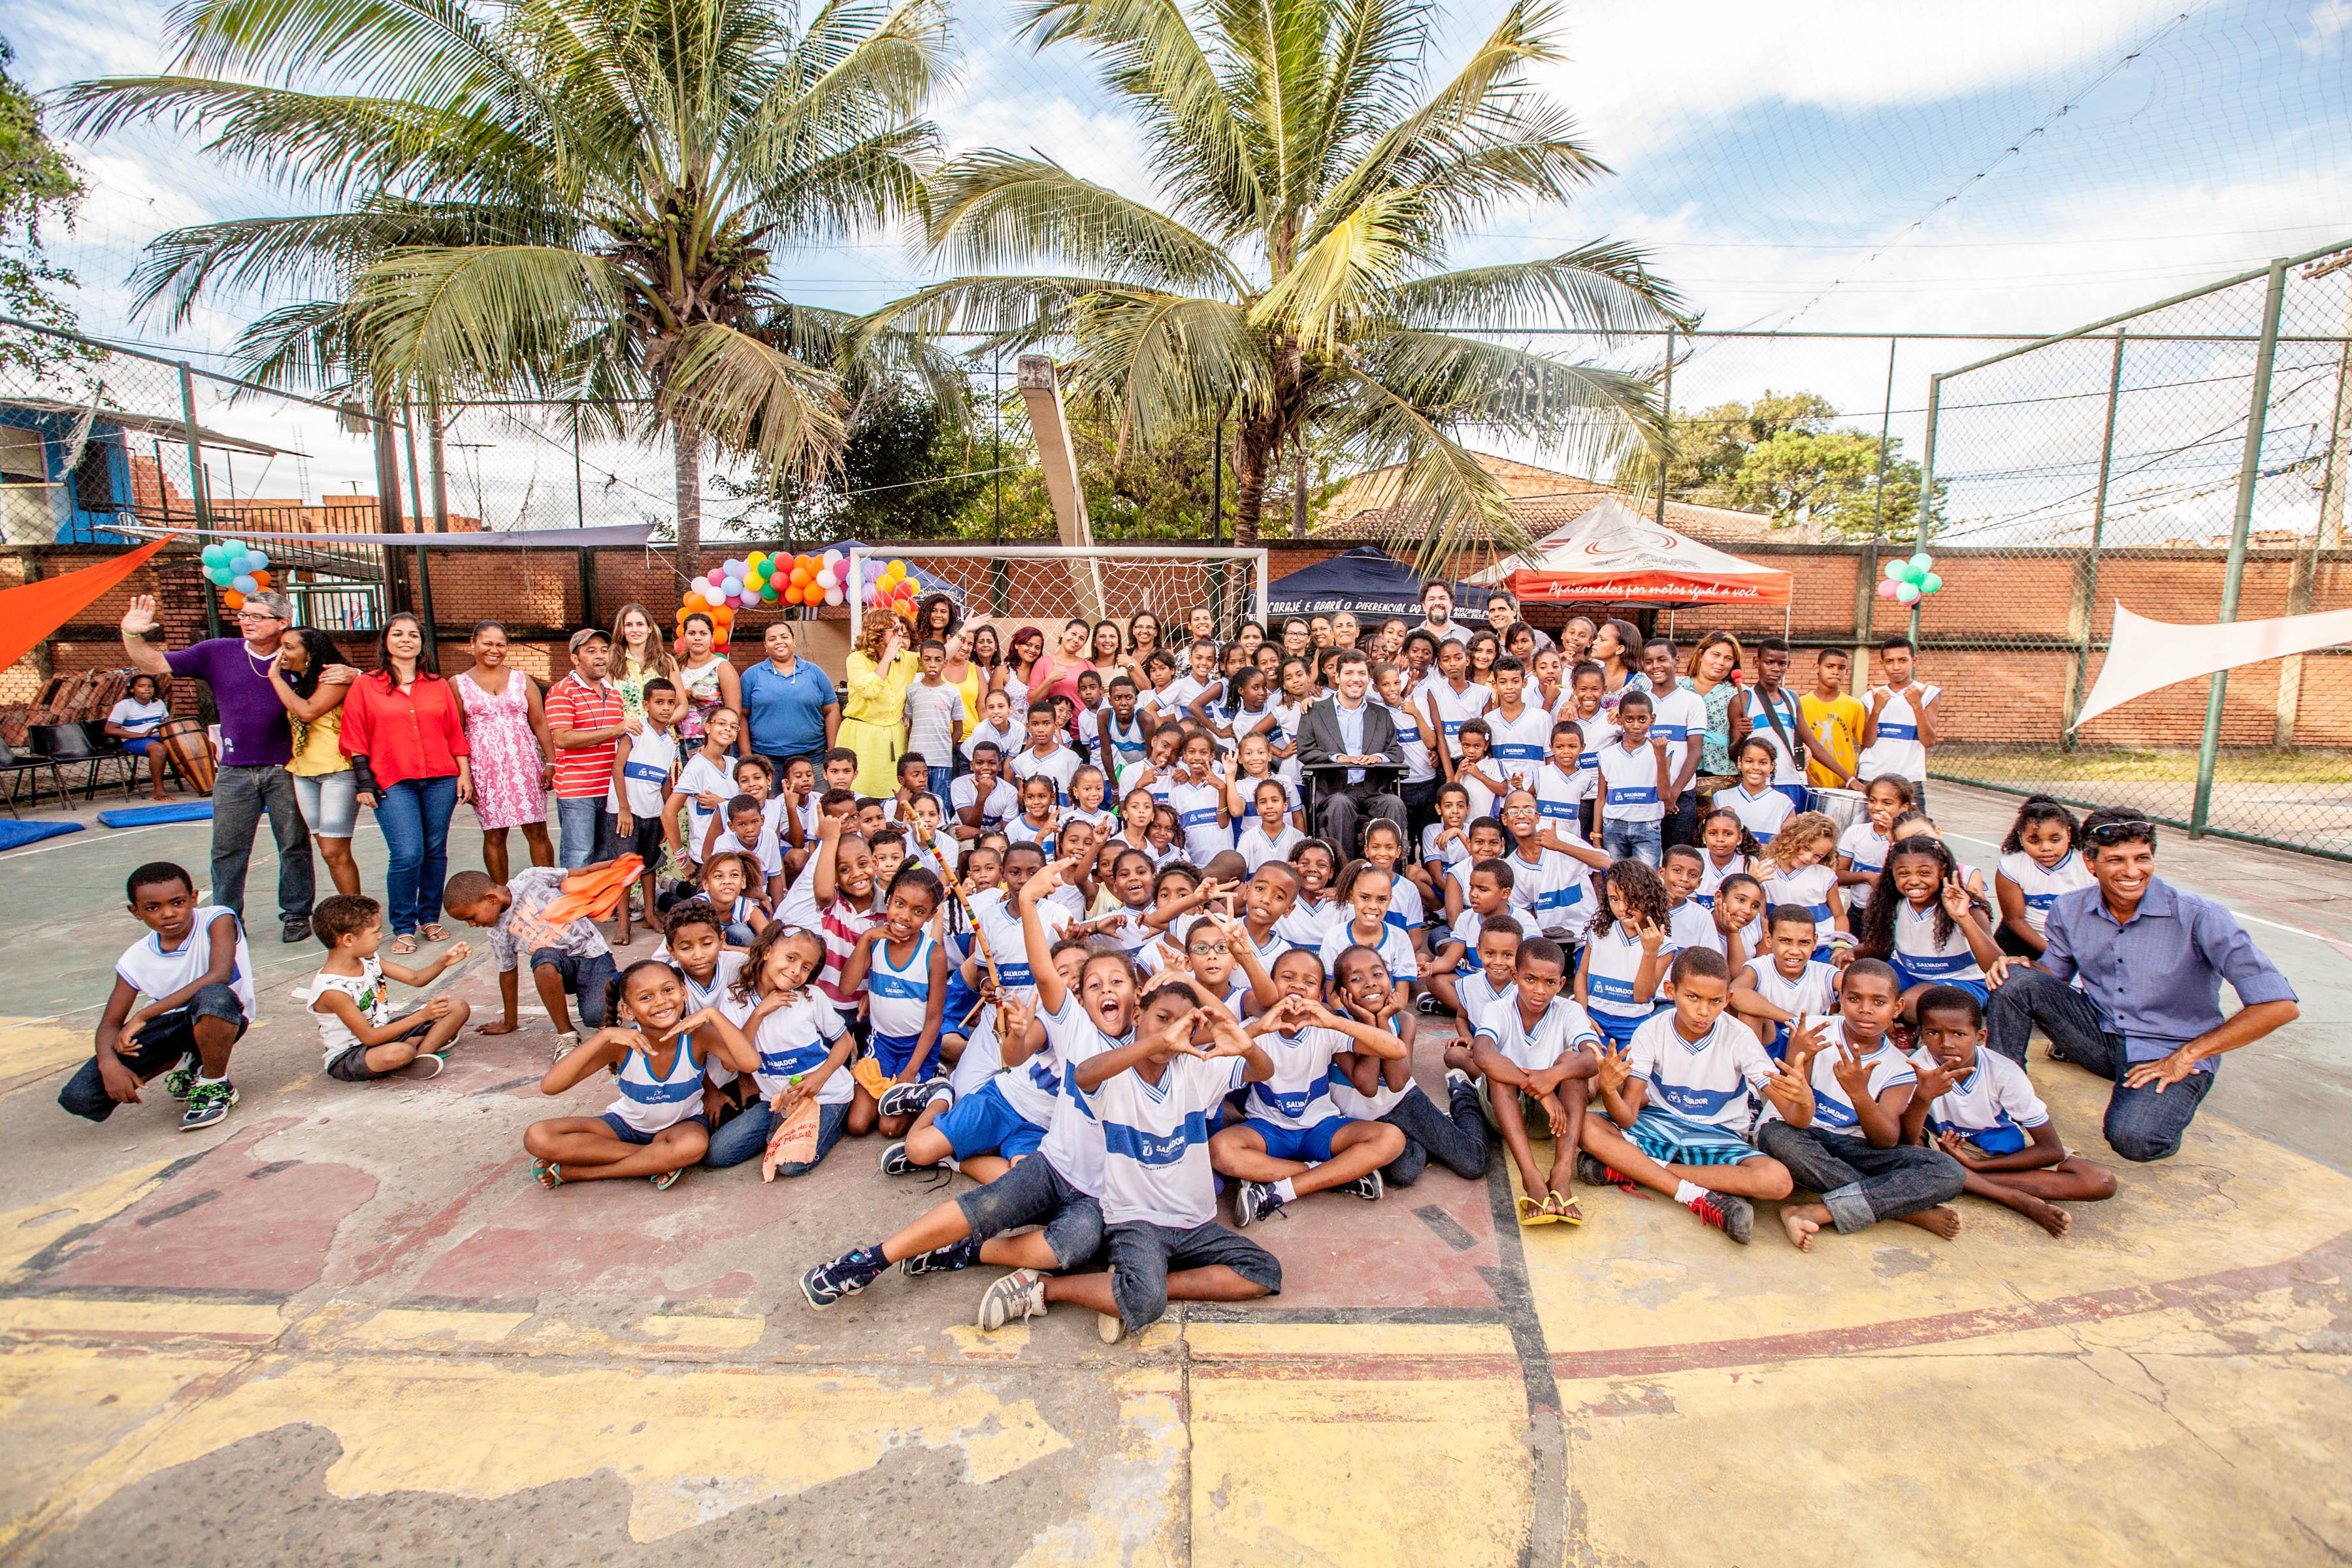 Grande grupo de crianças e educadores posam sorridentes para foto junto a Rodrigo, que está ao centro. Muitos estão sentados no chão em frente ao que estão enfileirados em pé. Eles estão em uma quadra poliesportiva, o dia está ensolarado e ao fundo há coqueiros e balões coloridos.